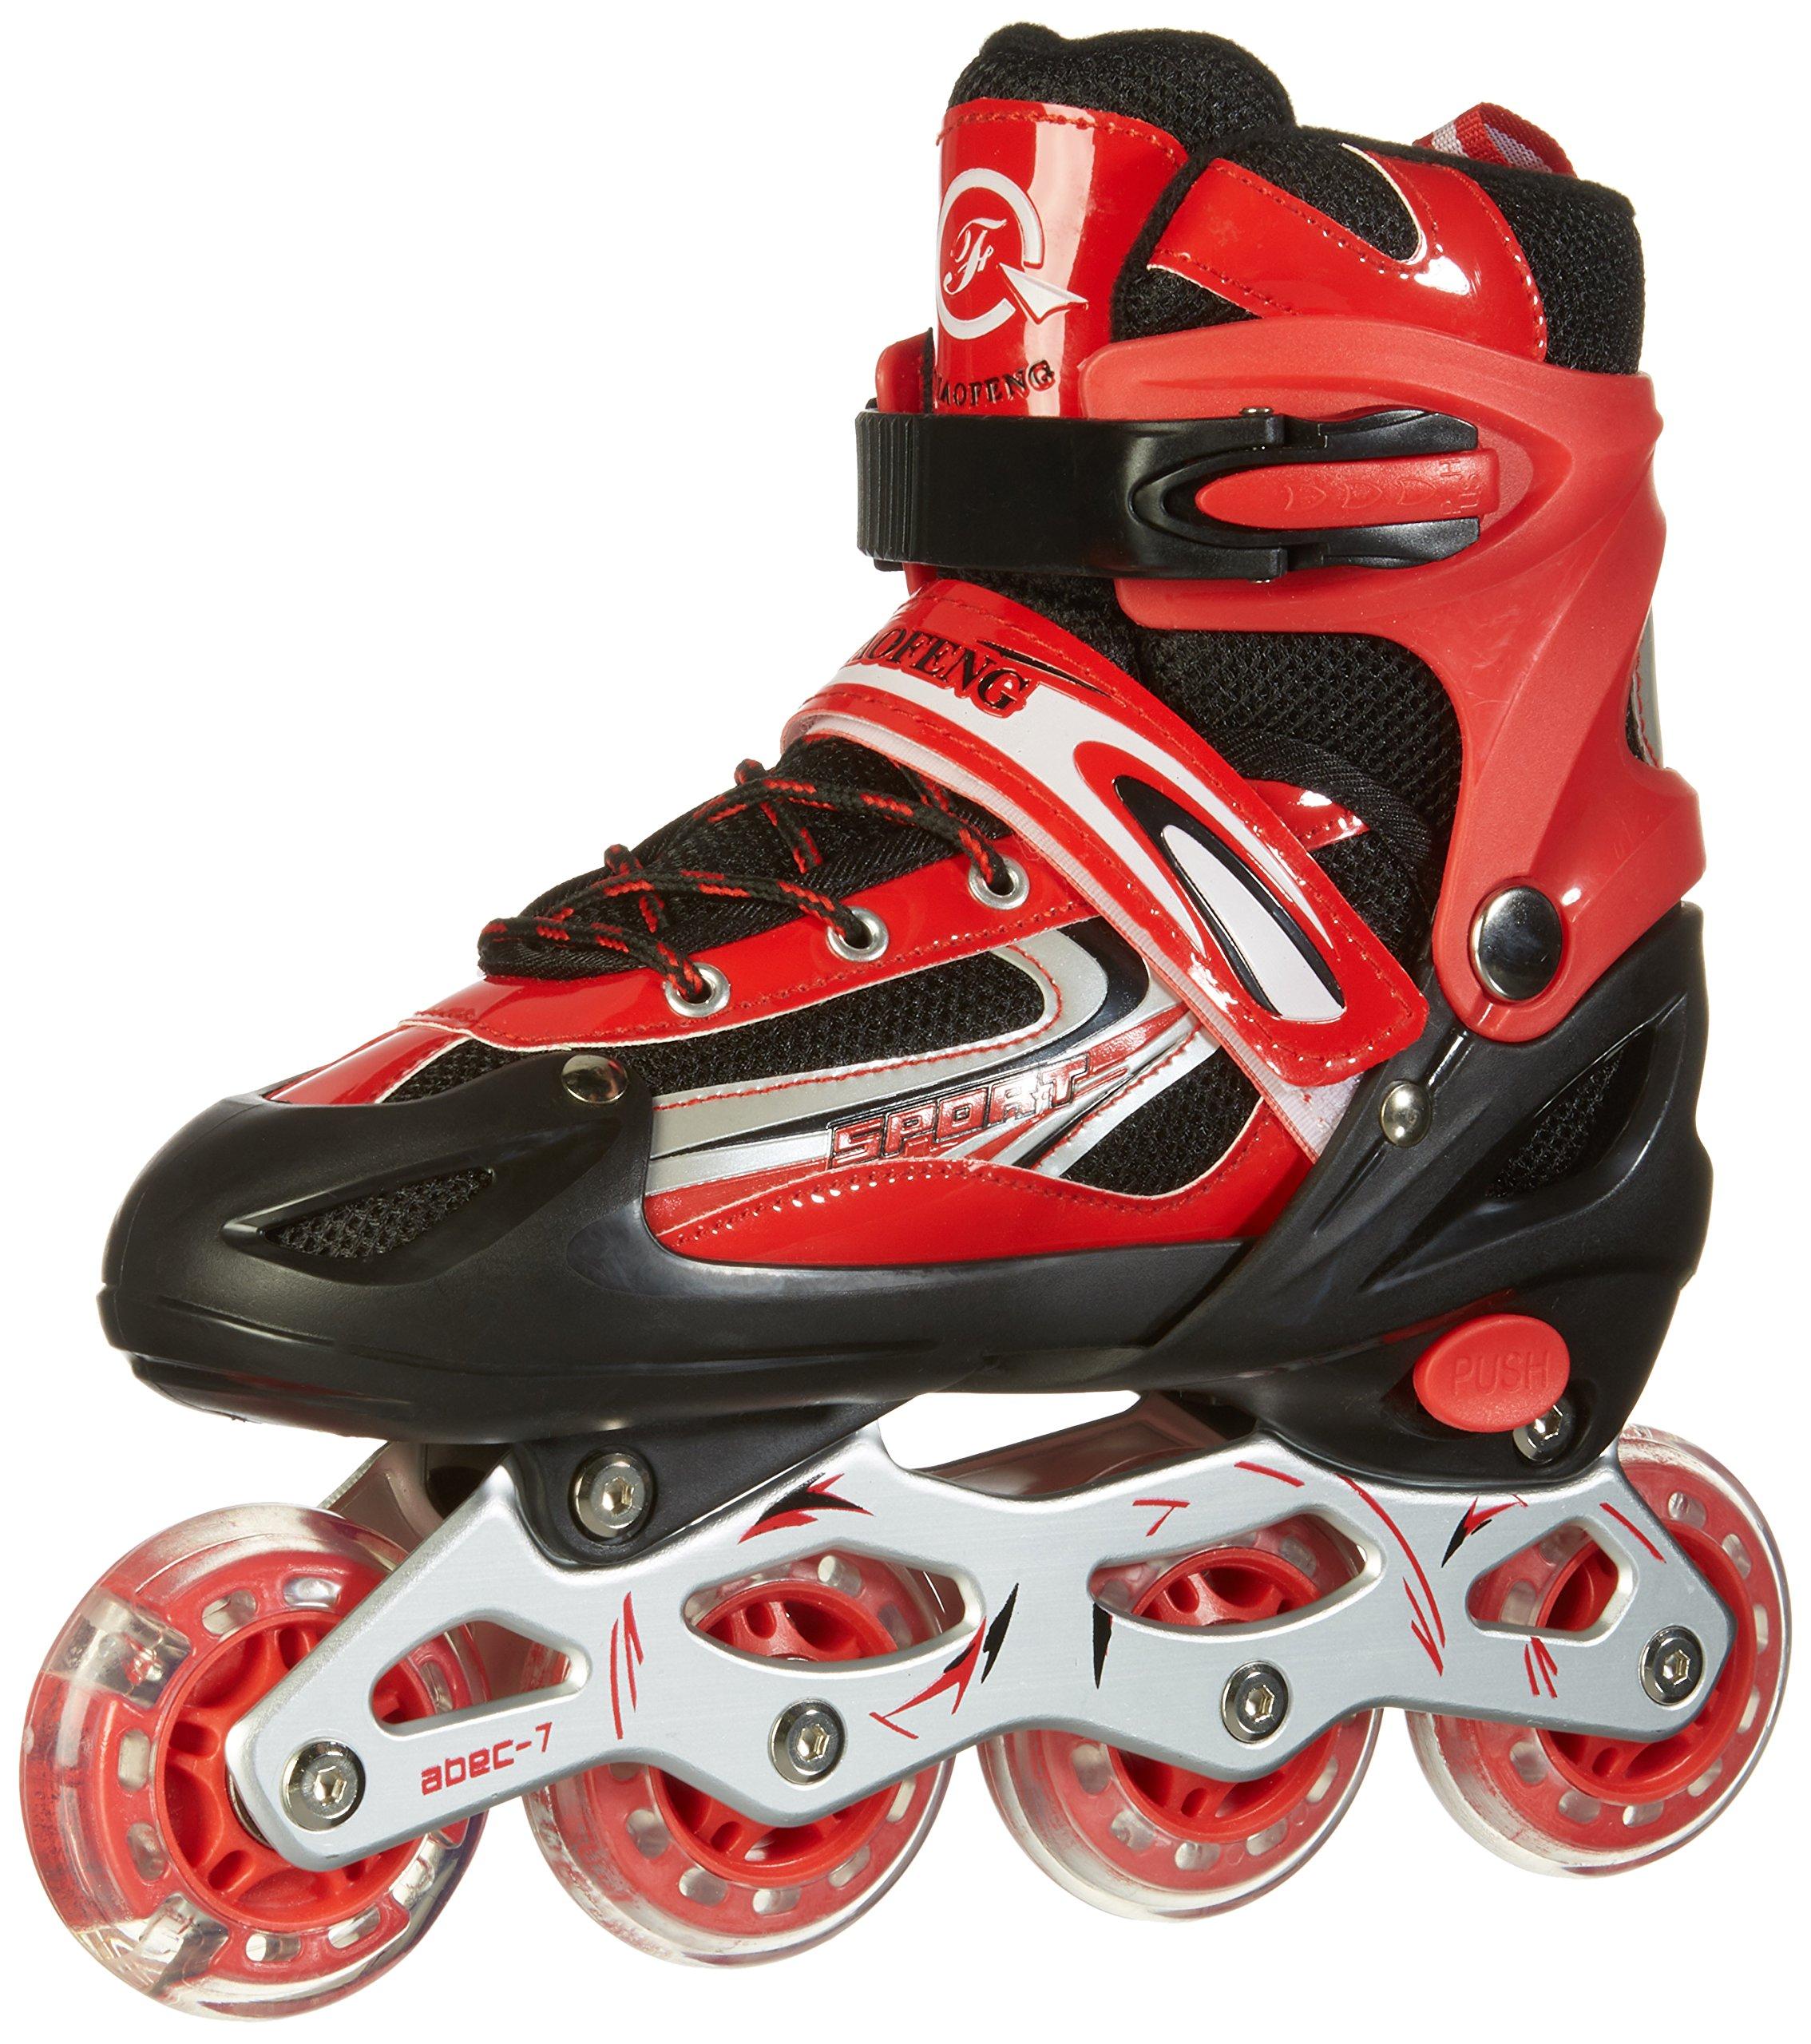 Rollers pour enfants/adolescents, à taille réglable - roulis avant Luminous product image